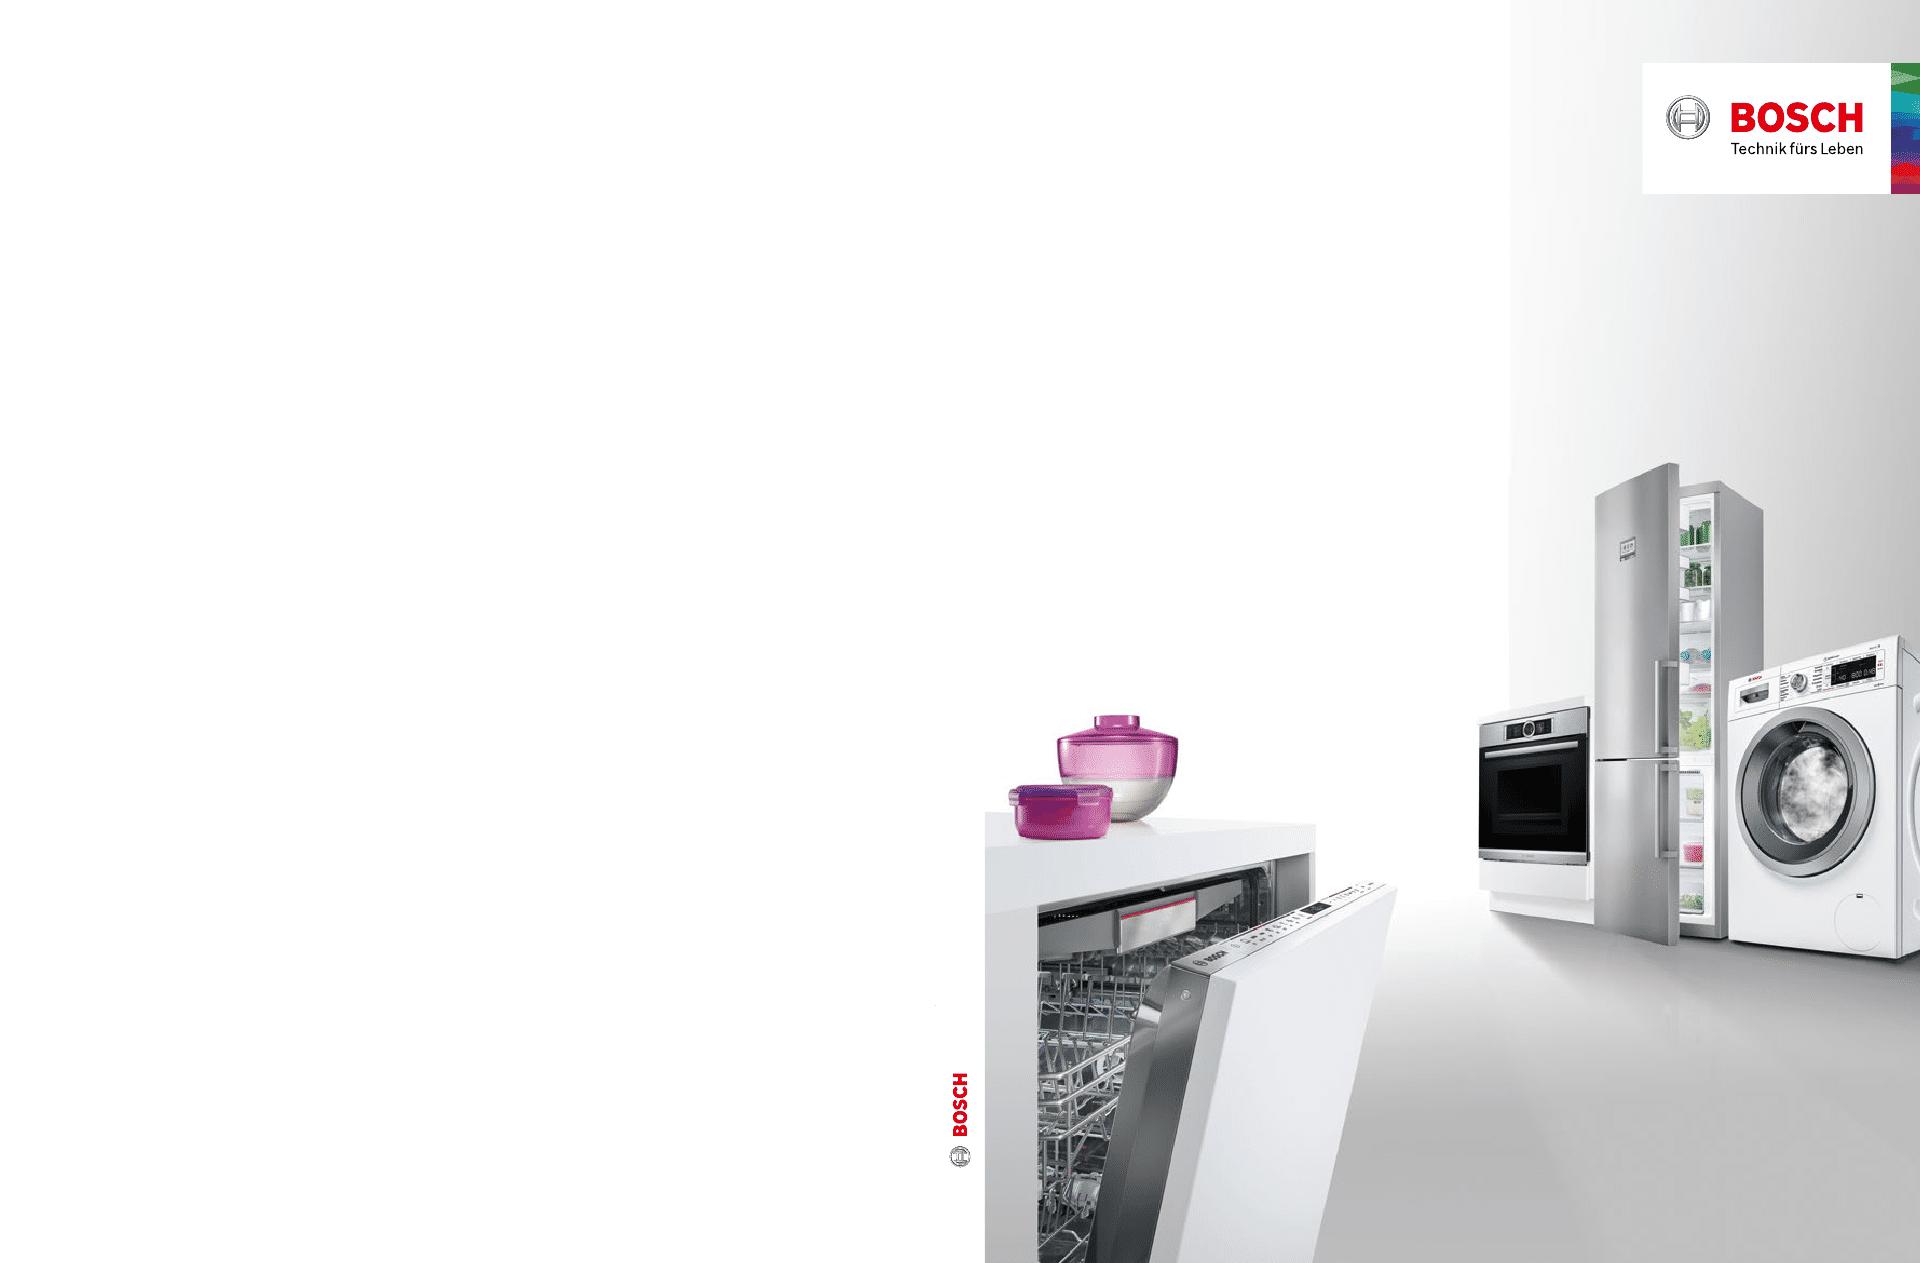 Bosch Kühlschrank Ksv36vl40 : Gebrauchsinformation datenblatt zu bosch kur ax test